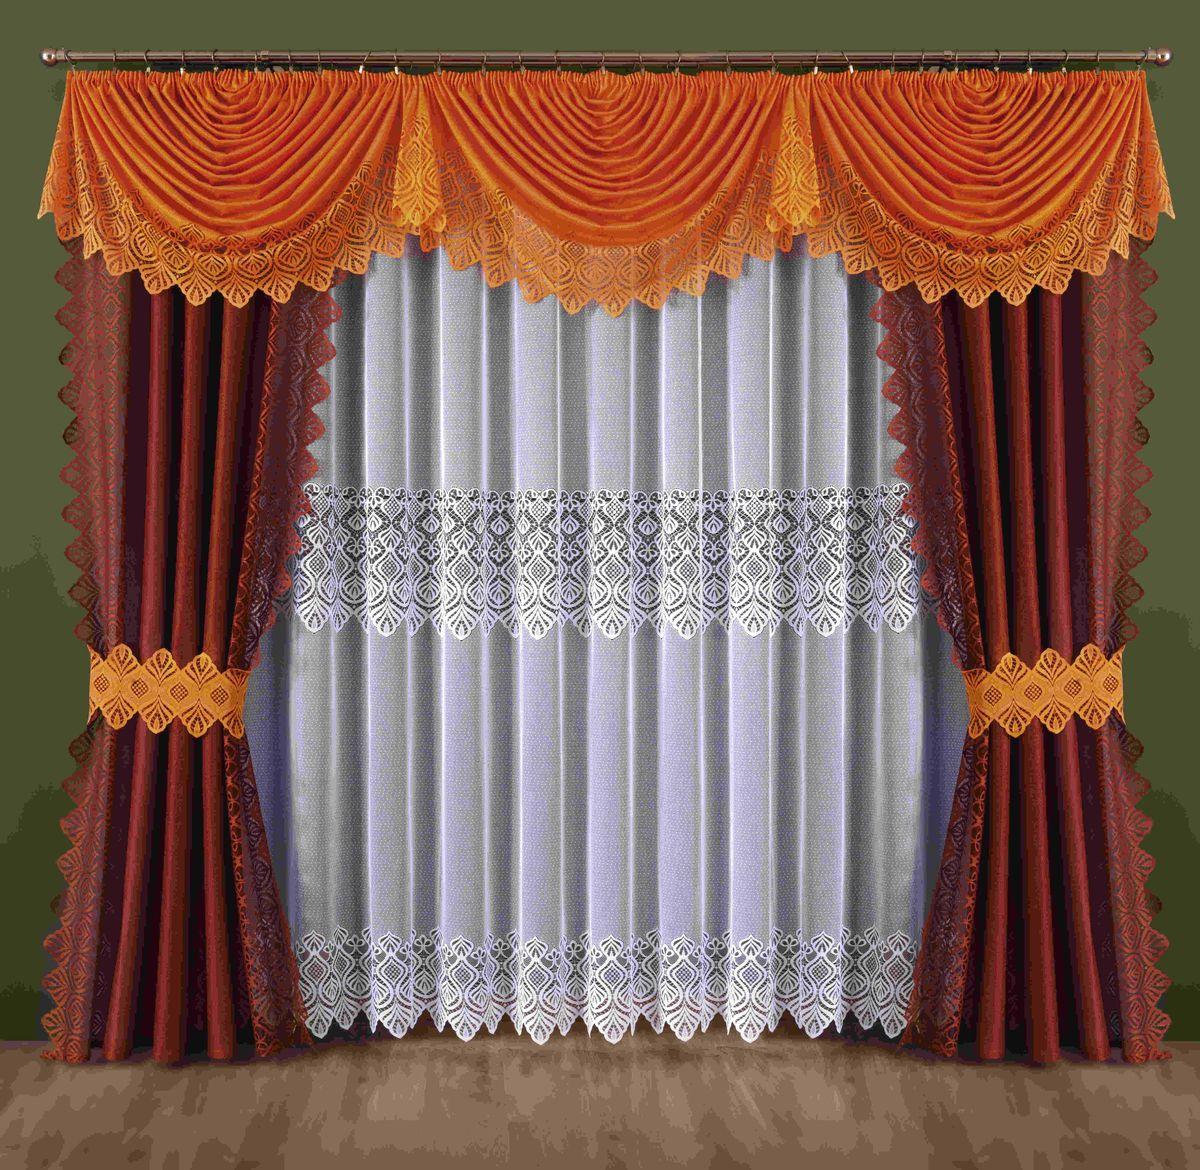 Комплект штор Wisan Mira, на ленте, цвет: оранжевый, бордовый, высота 250 смSVC-300Комплект штор Wisan Mira выполненный из полиэстера, великолепно украсит любое окно. В комплект входят 2 шторы, тюль, ламбрекен и 2 подхвата.Интересный крой, и нежный узор придают комплекту особый стиль и шарм. Тонкое плетение, нежная цветовая гамма и роскошное исполнение - все это делает шторы Wisan Mira замечательным дополнением интерьера помещения.Комплект оснащен шторной лентой для красивой сборки. В комплект входит: Штора - 2 шт. Размер (ШхВ): 145 см х 250 см. Тюль - 1 шт. Размер (ШхВ): 400 см х 250 см. Ламбрекен - 1 шт. Размер (ШхВ): 440 см х 145 см. Подхват - 2 шт.Фирма Wisan на польском рынке существует уже более пятидесяти лет и является одной из лучших польских фабрик по производству штор и тканей. Ассортимент фирмы представлен готовыми комплектами штор для гостиной, детской, кухни, а также текстилем для кухни (скатерти, салфетки, дорожки, кухонные занавески). Модельный ряд отличает оригинальный дизайн, высокое качество. Ассортимент продукции постоянно пополняется.